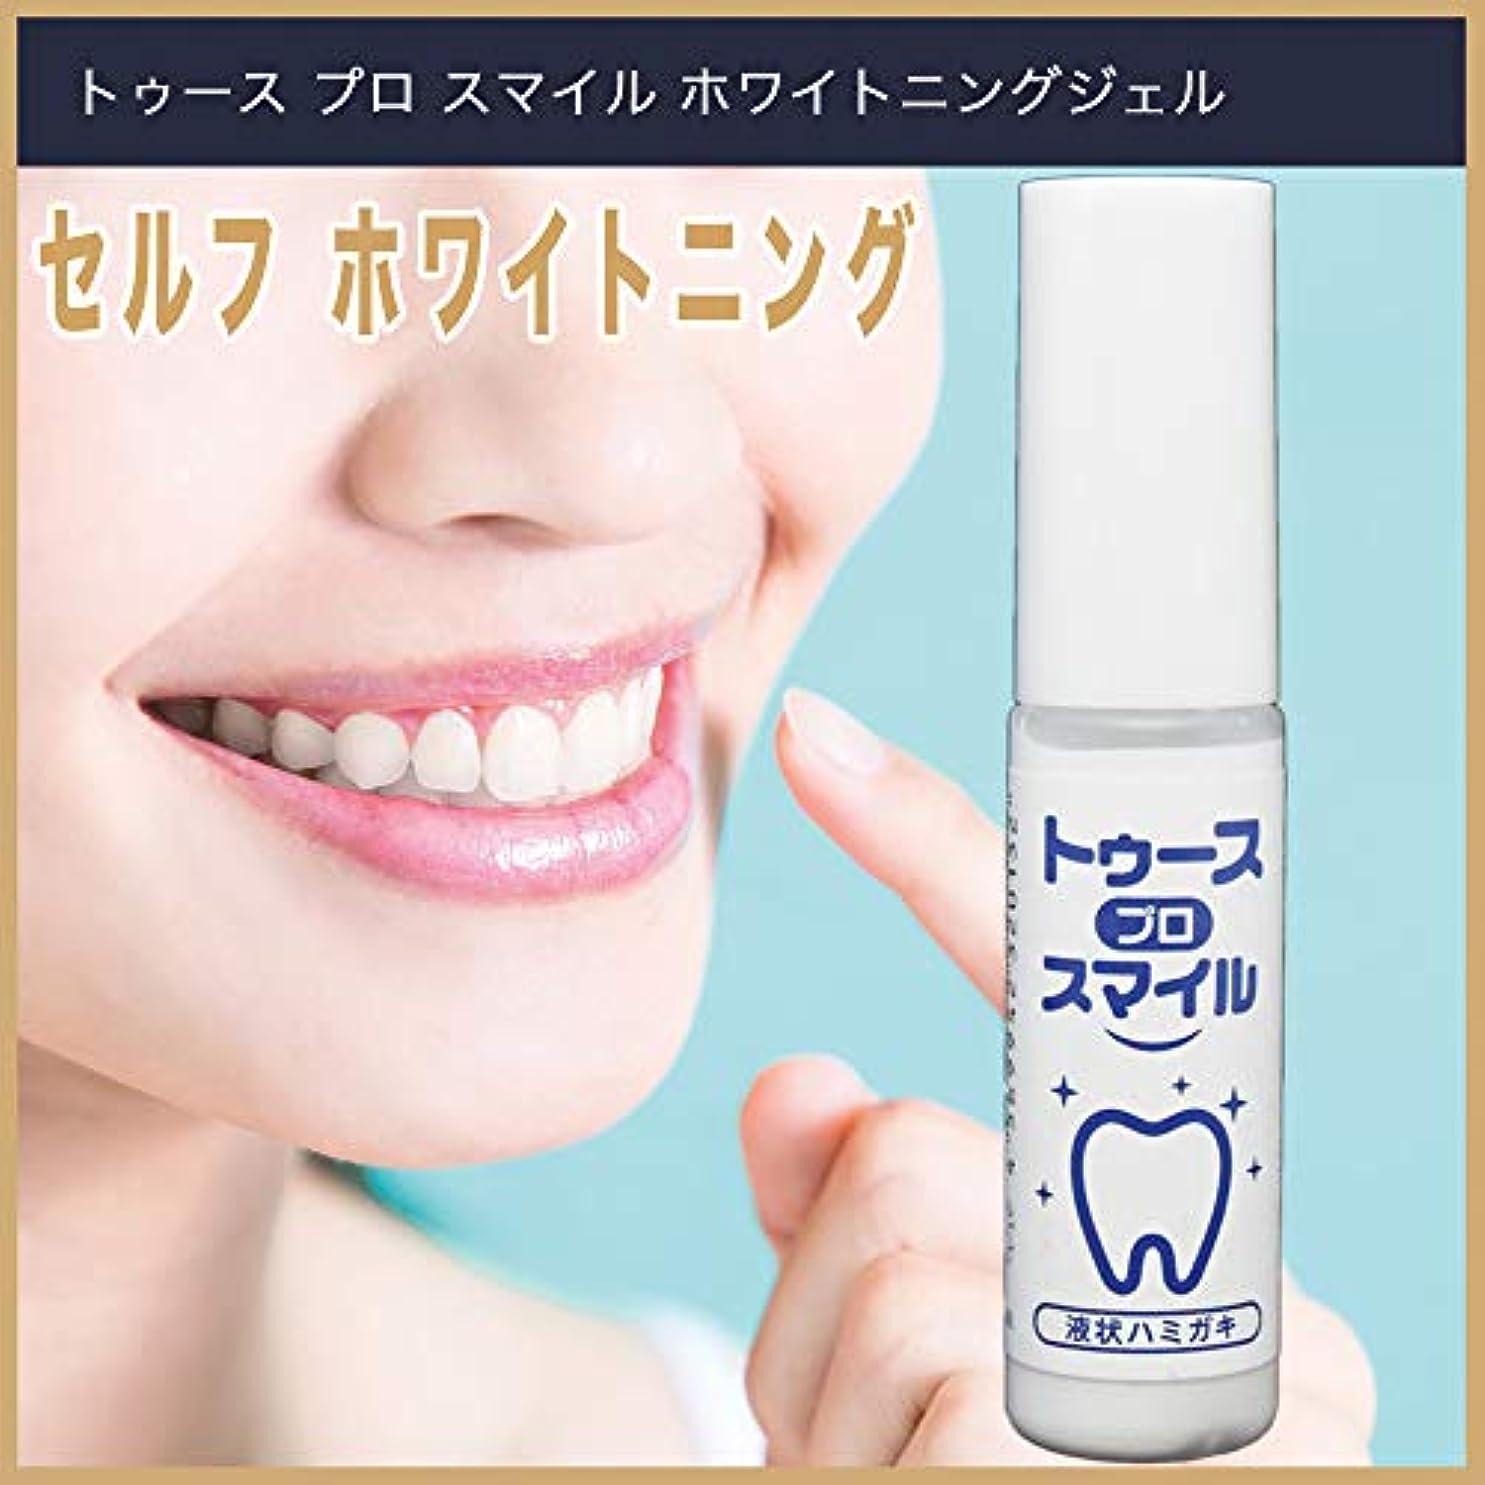 壊れた組み合わせみなす【日本製】ホワイトニング ジェル「トゥース プロ スマイル」15ml / LEDホワイトニング機器用 口腔化粧品/歯 セルフホワイトニング